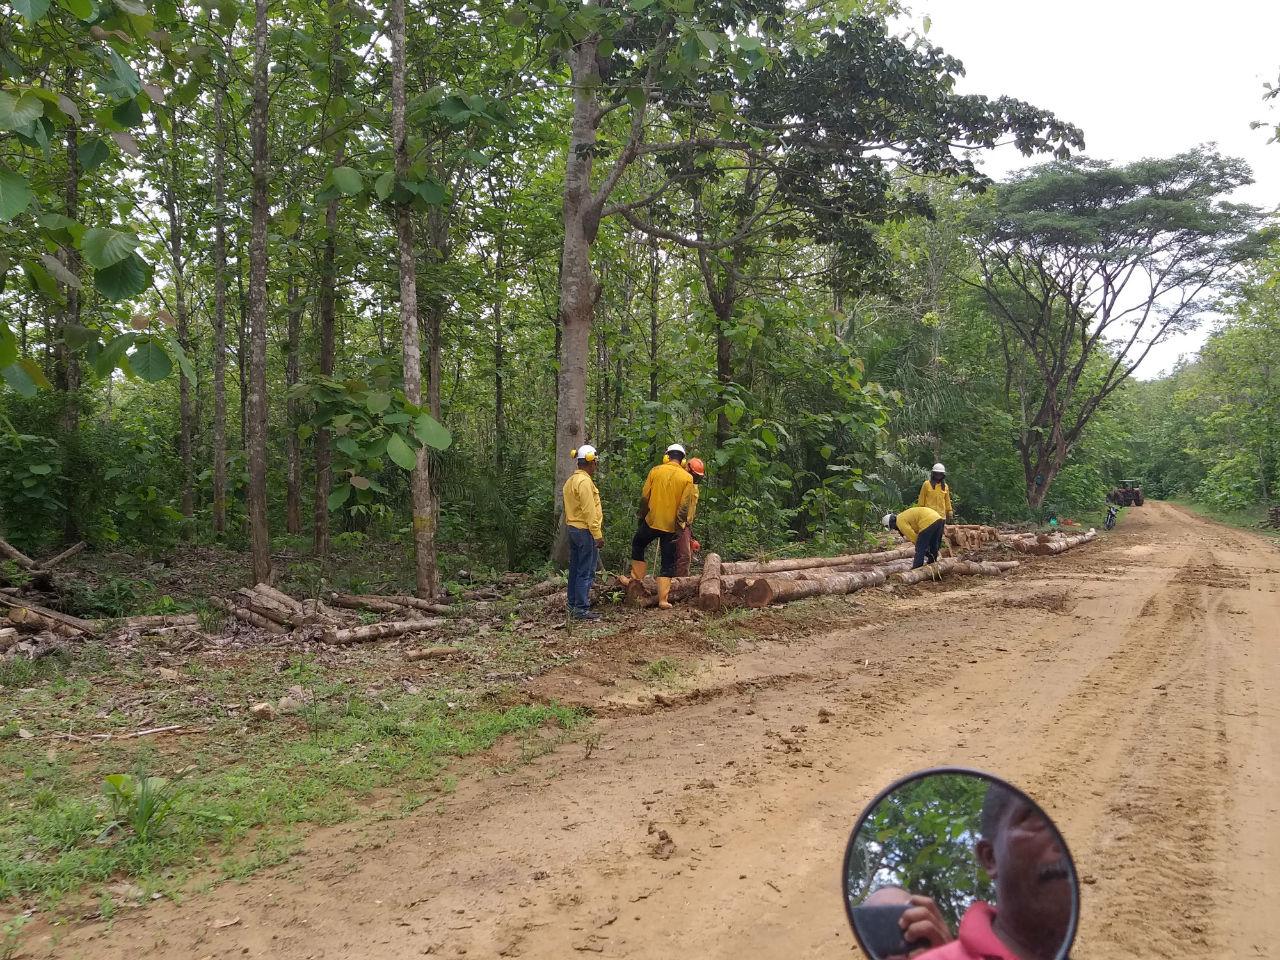 Aunque la sentencia del Tribunal Superior de Cartagena ordena devolver los predios con el proyecto agroindustrial, a diario hay tala de árboles en la zona y entran por lo menos unos cinco camiones a cargar la teca cortada.